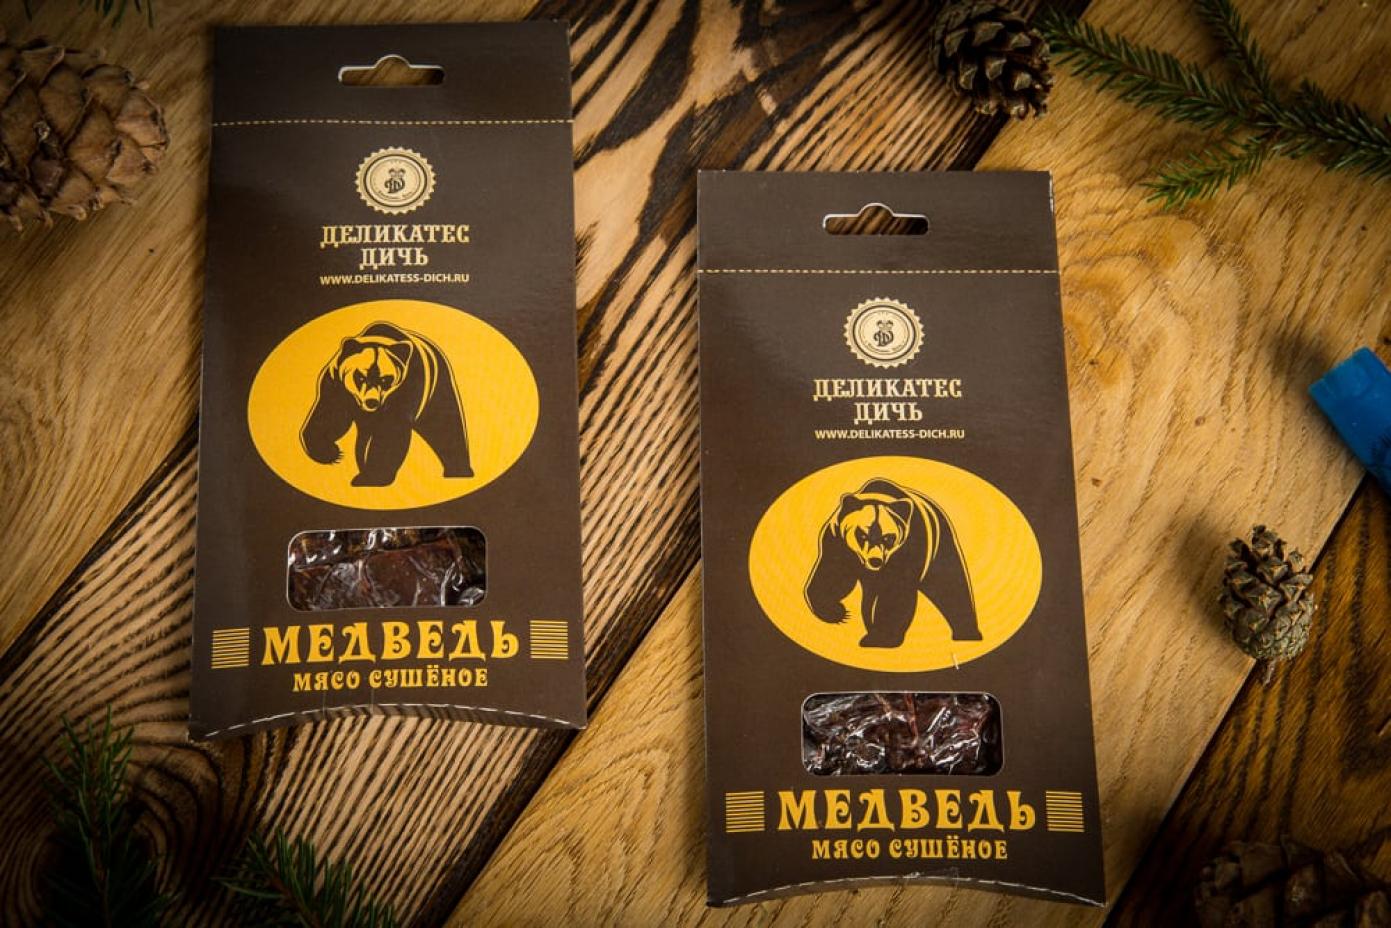 Сушеное мясо Медведя в подарочной упаковке 35г